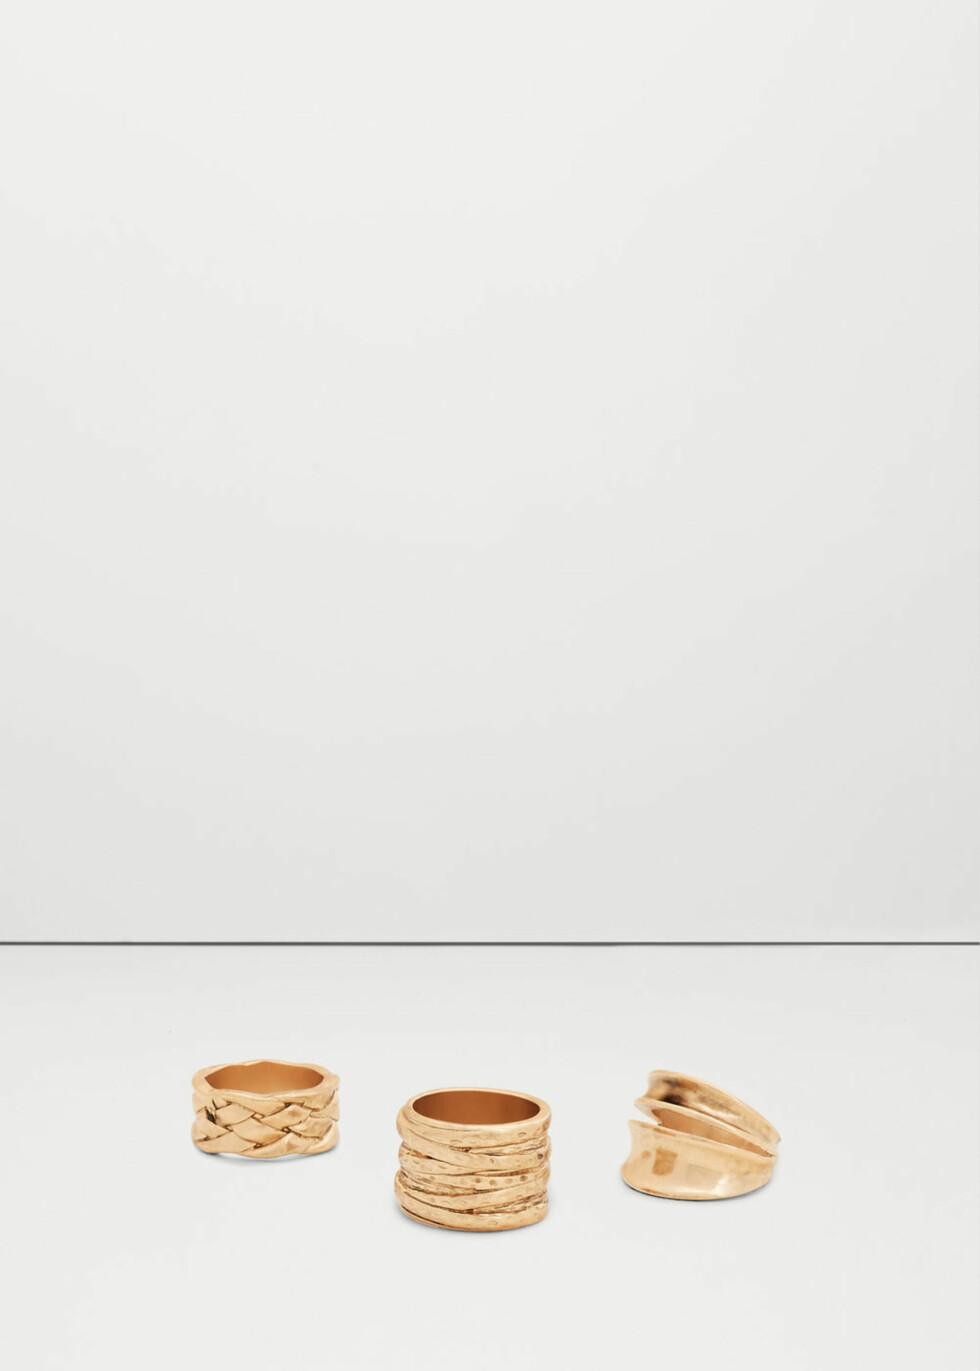 Ringer fra Mango | kr 129 | http://shop.mango.com/NO/p1/damer/tilbeh%C3%B8r/smykker/ringer/metallringsett?id=73040138_OR&n=1&s=accesorios.bisuteria&ts=1480059229418